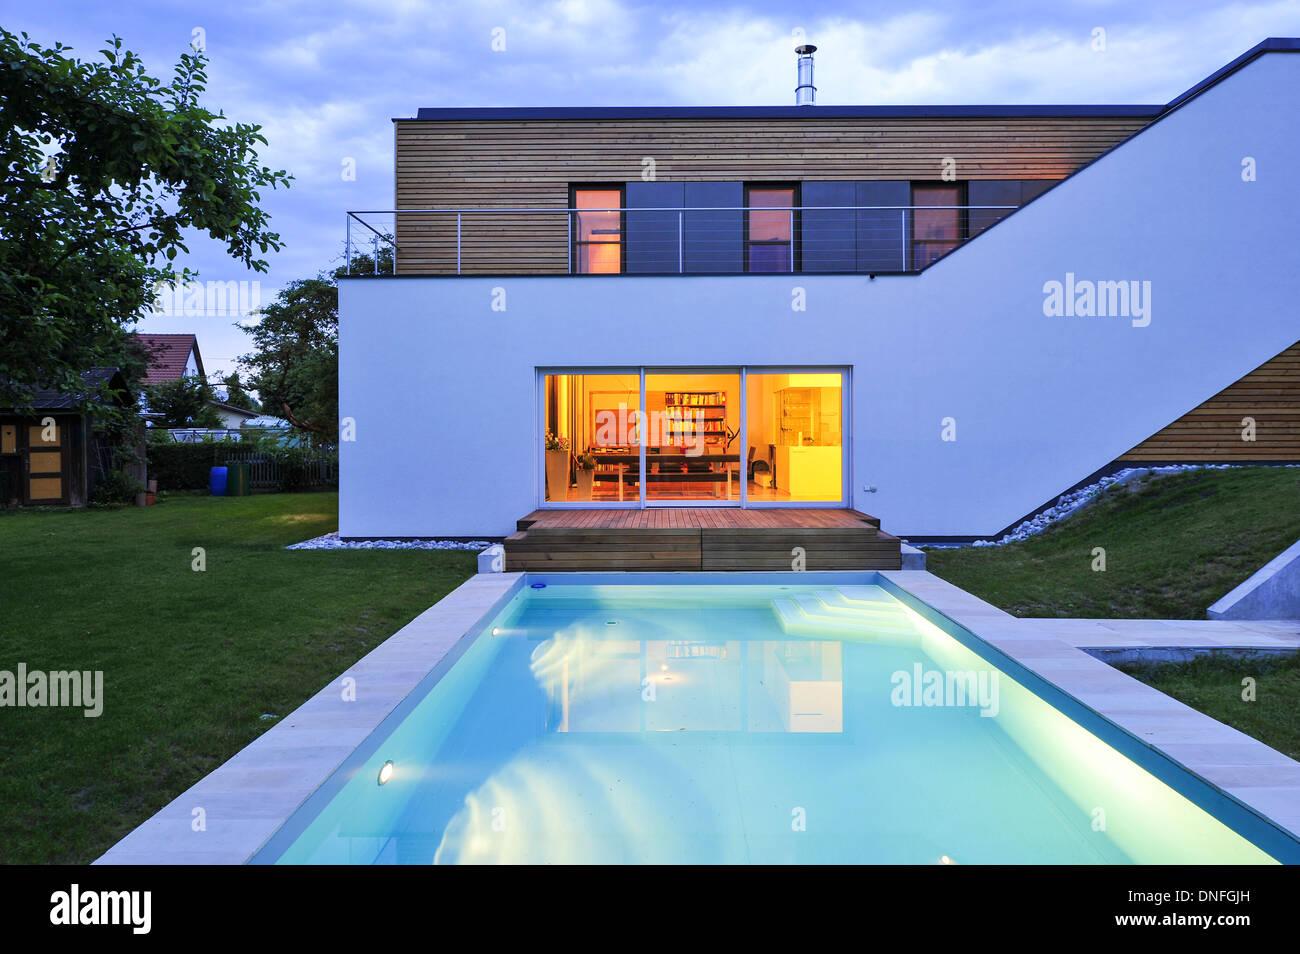 Entzuckend Wohnhaus, Holzbau, Swimming Pool, Moderne Architektur, Holzhaus